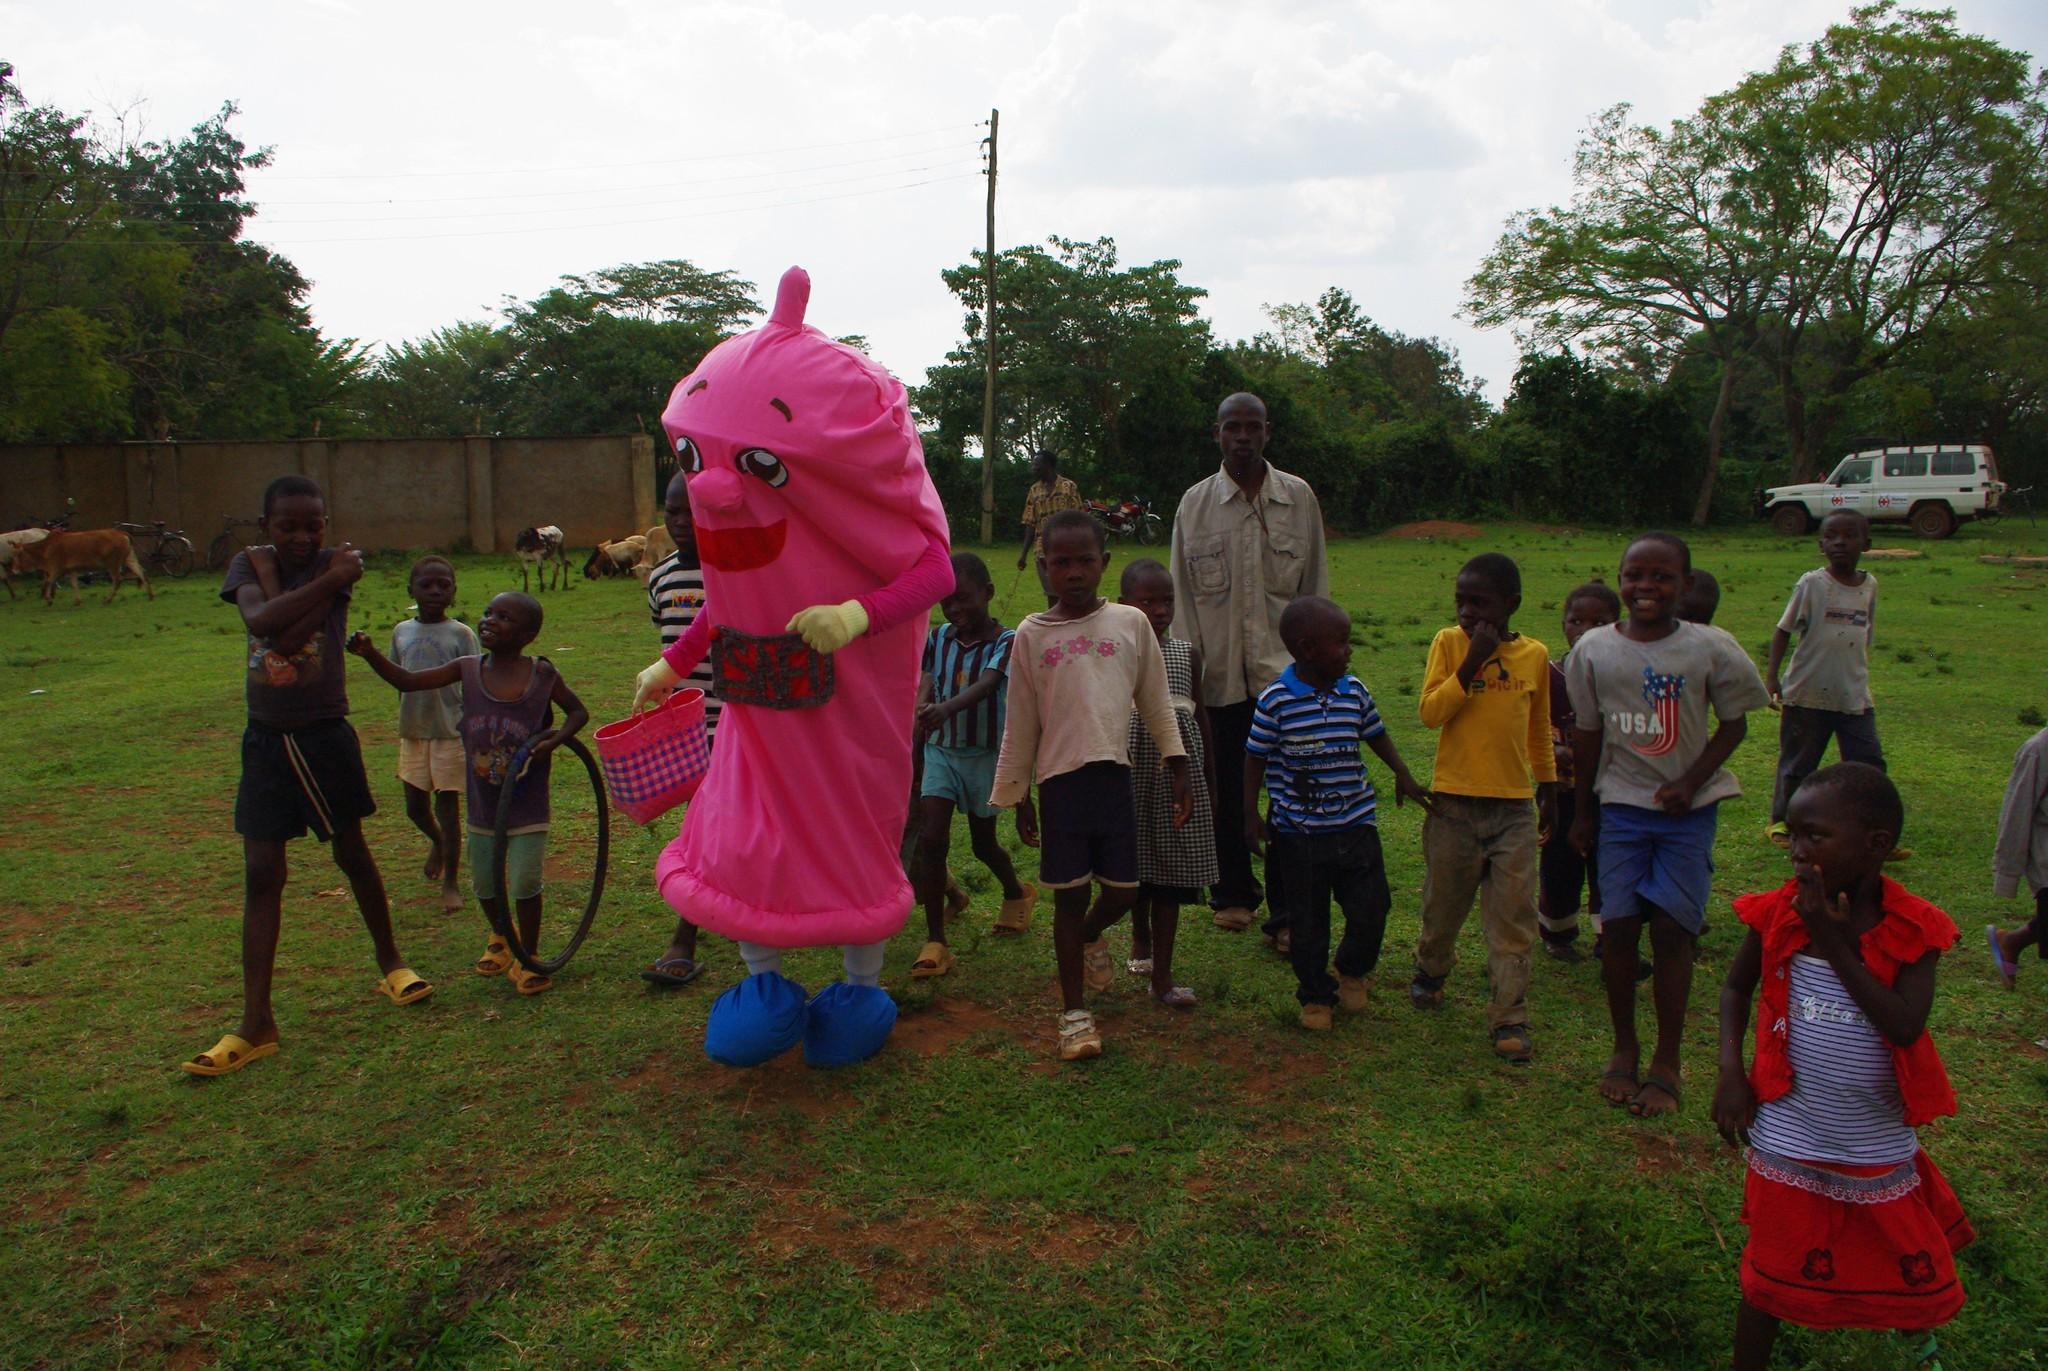 コンドマスターのゆるキャラを取り囲むケニアの子どもたち=清水美春さん提供